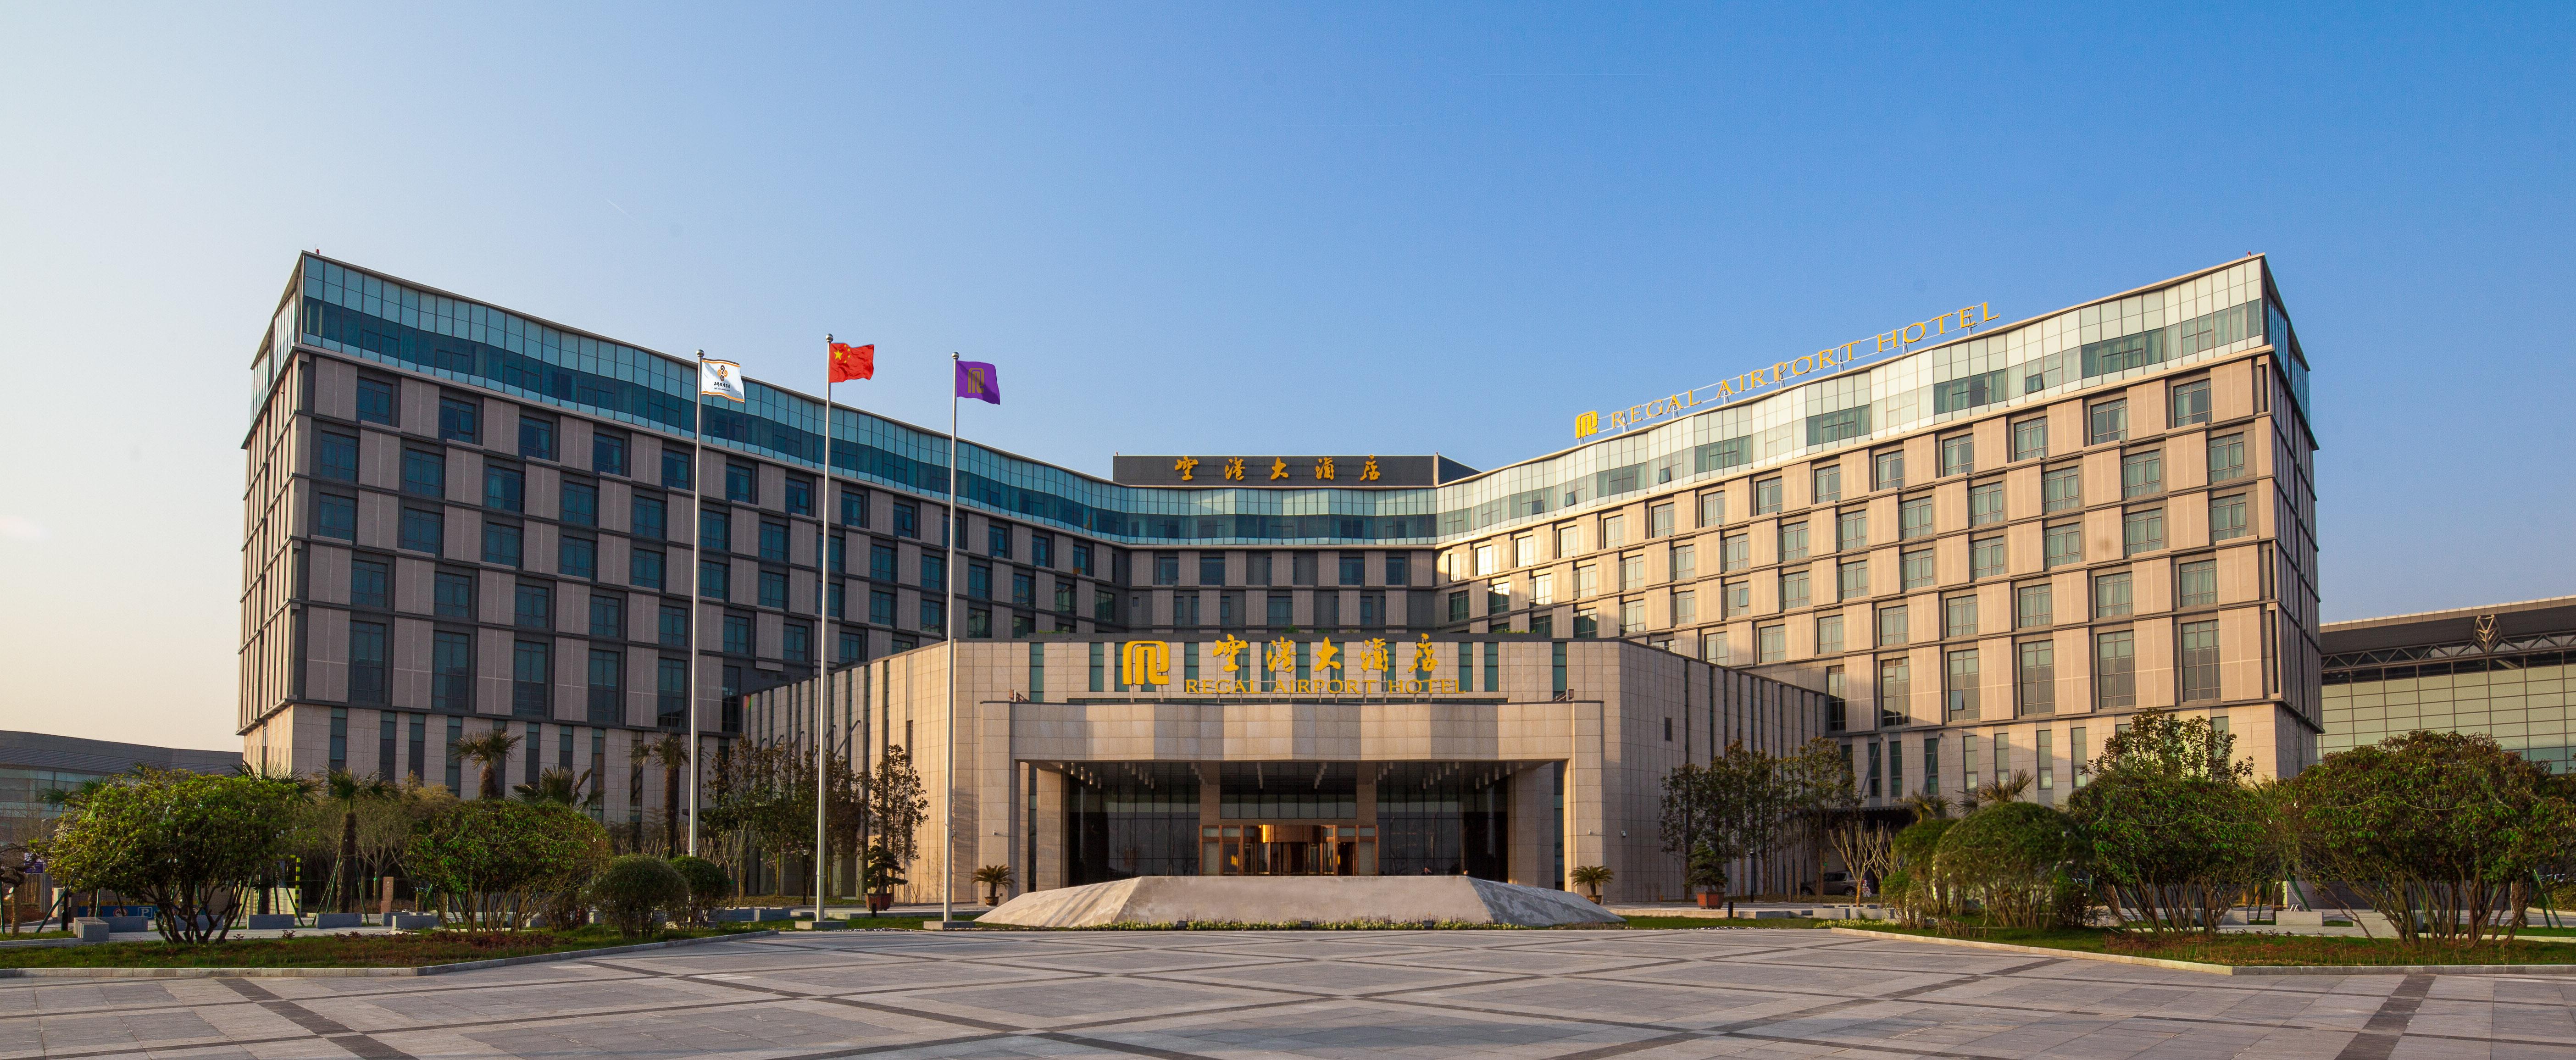 Regal Airport Xian, Xianyang